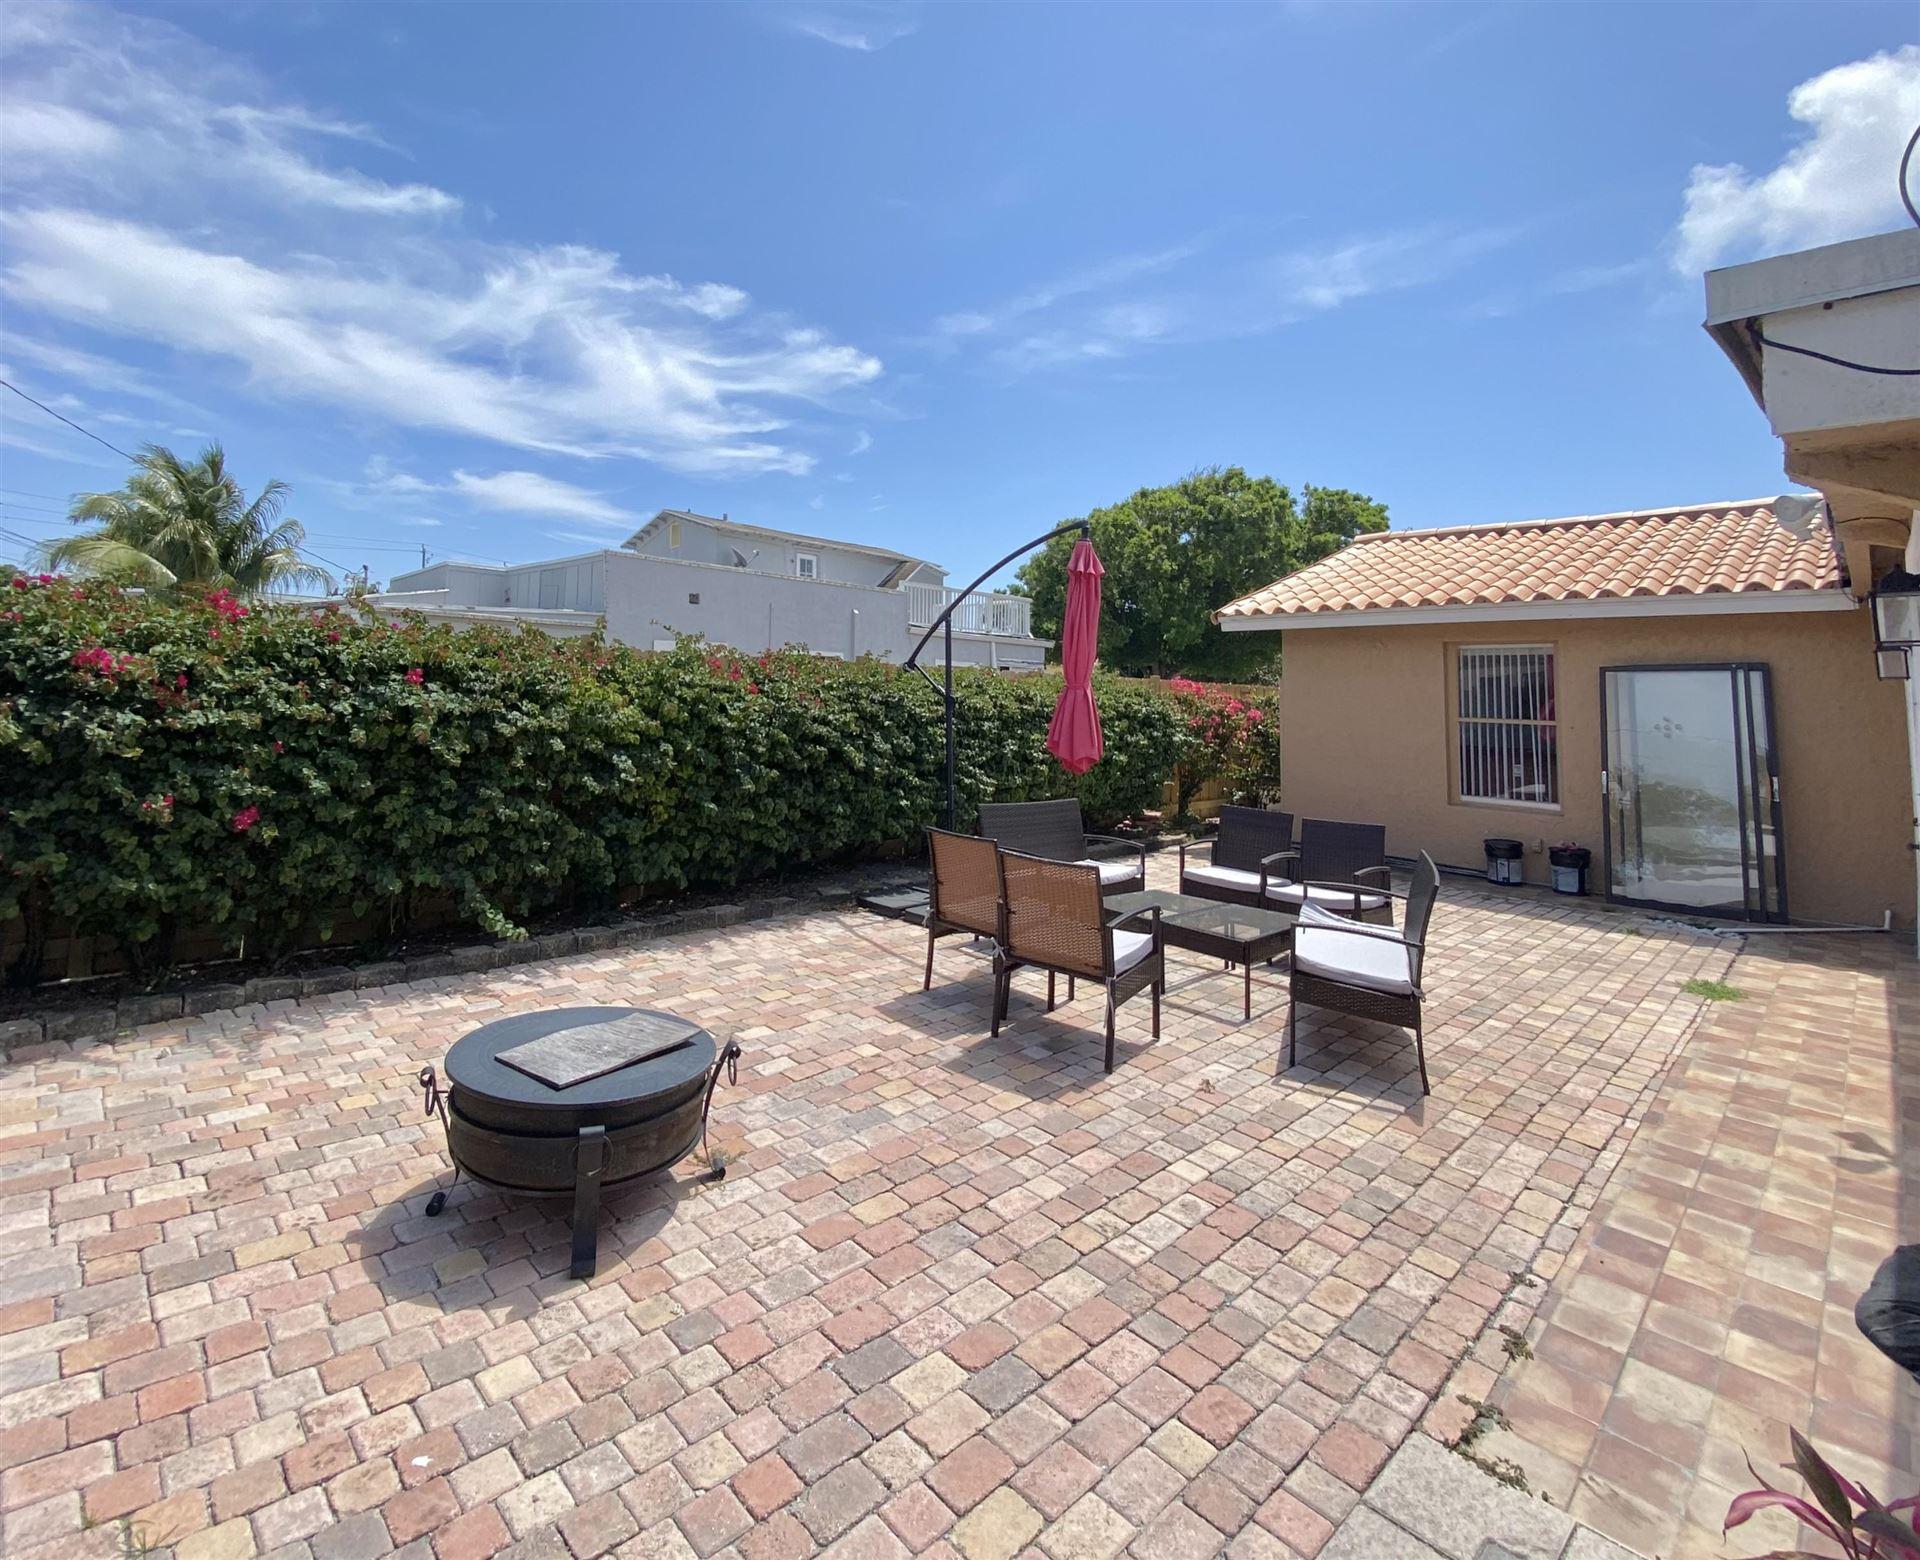 431 Maddock St, West Palm Beach, FL 33405 - MLS#: RX-10704172